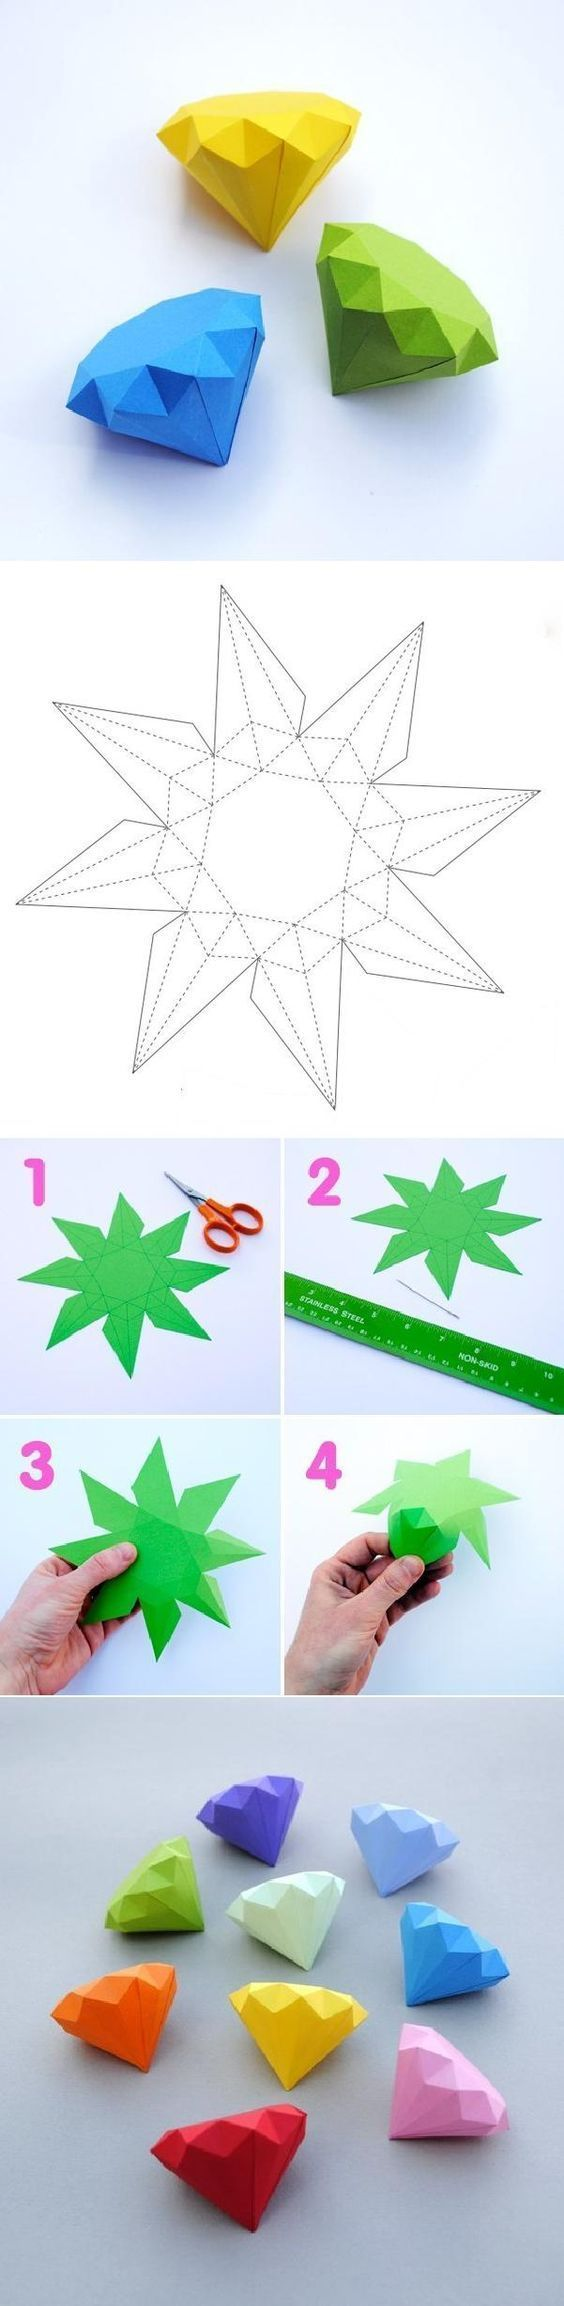 Объемные геометрические фигуры схемы сделать из бумаги